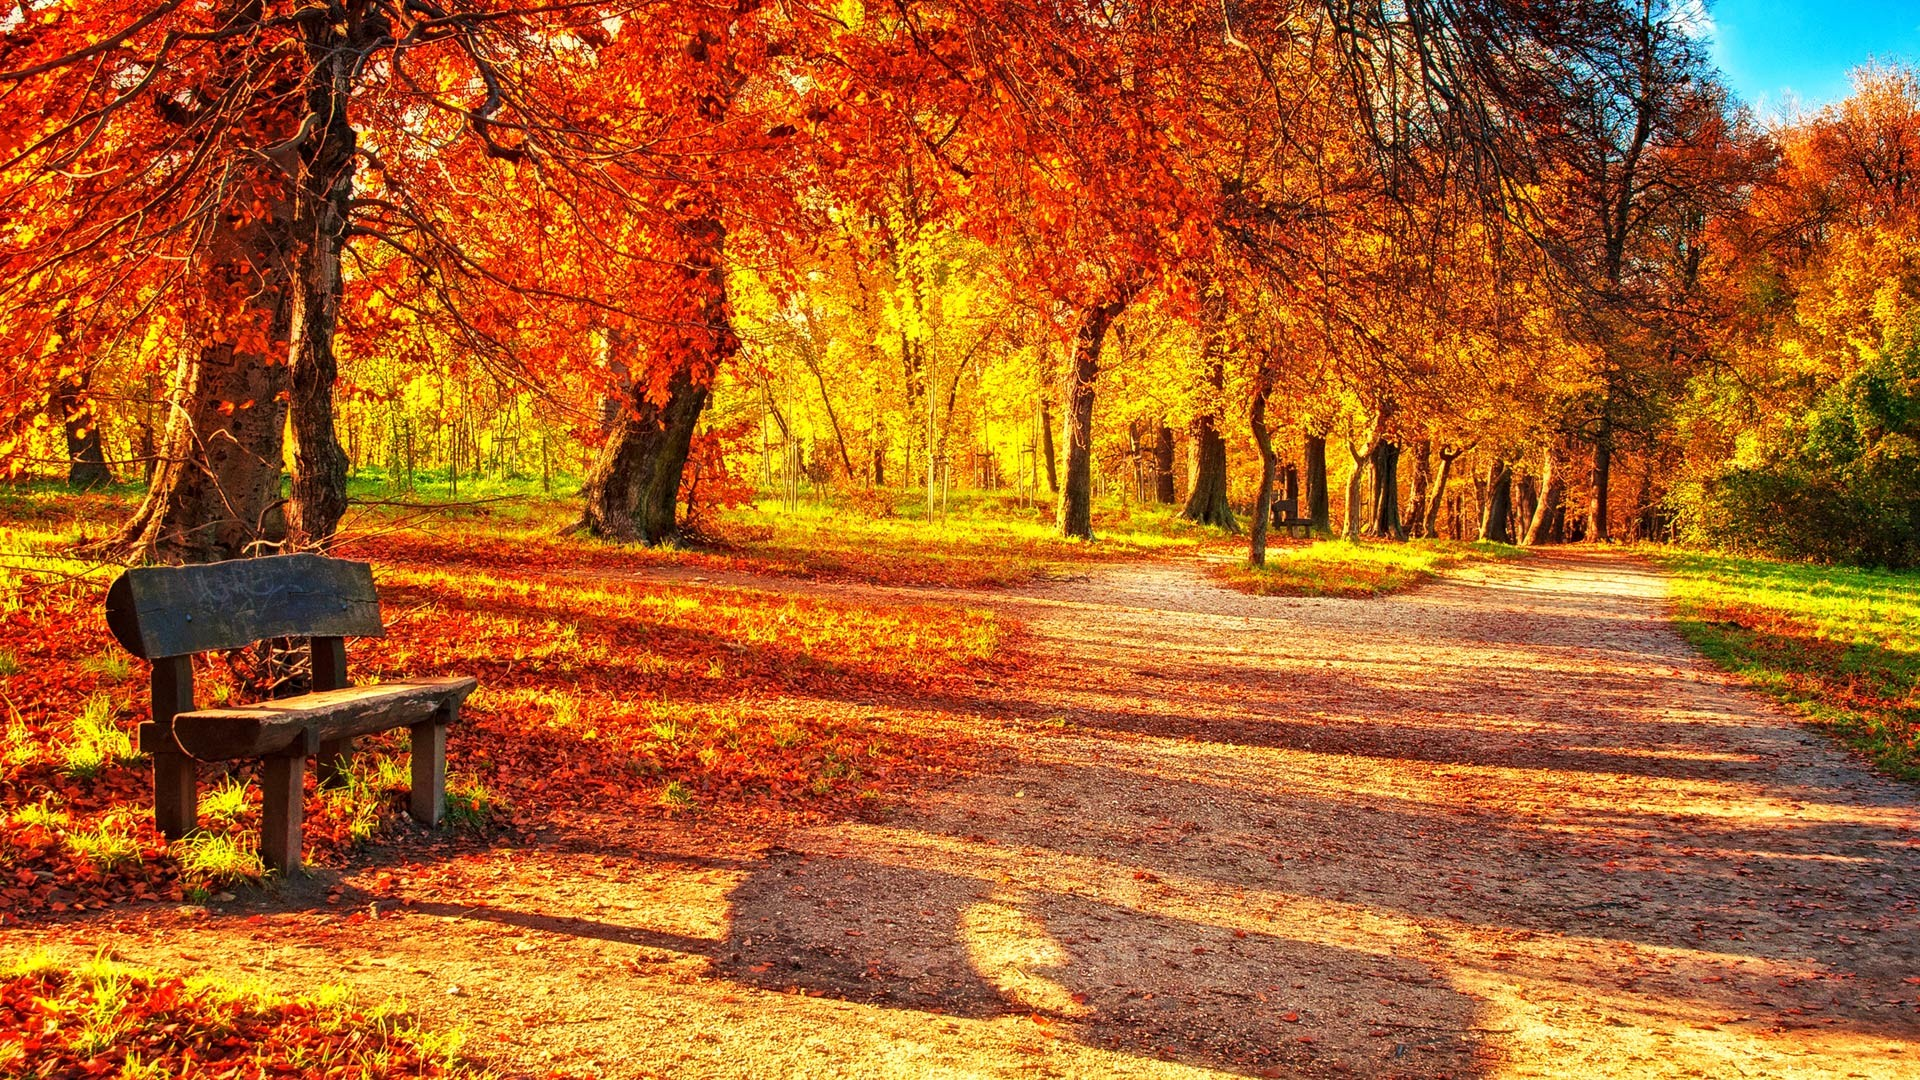 Autumn Leaves Desktop Wallpaper (57+ images).